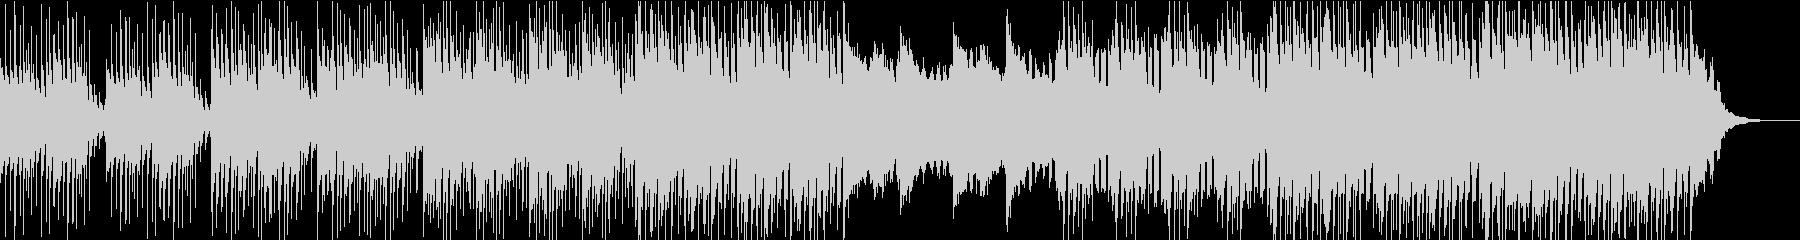 ポップ テクノ 実験的な アクティ...の未再生の波形